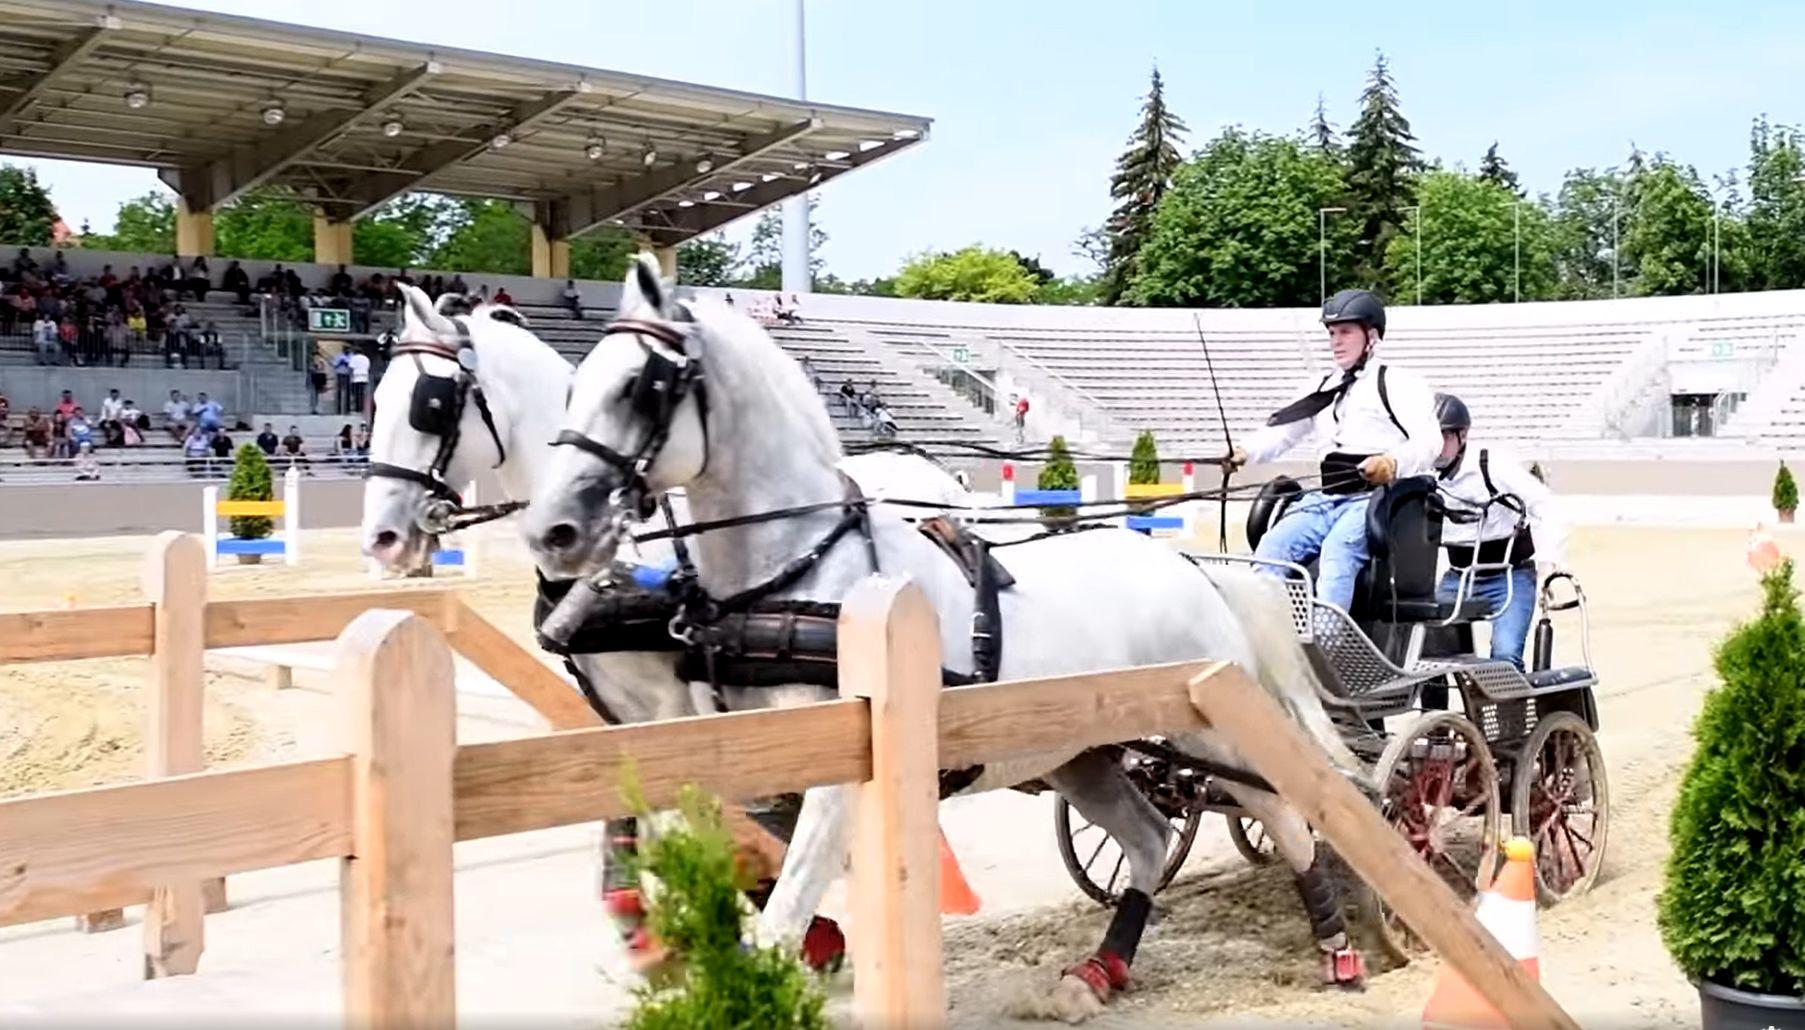 Hiába ingyenesek a lóversenyek, nyomasztóan üres a Szalajka-völgy bejáratához felhúzott betonstadion